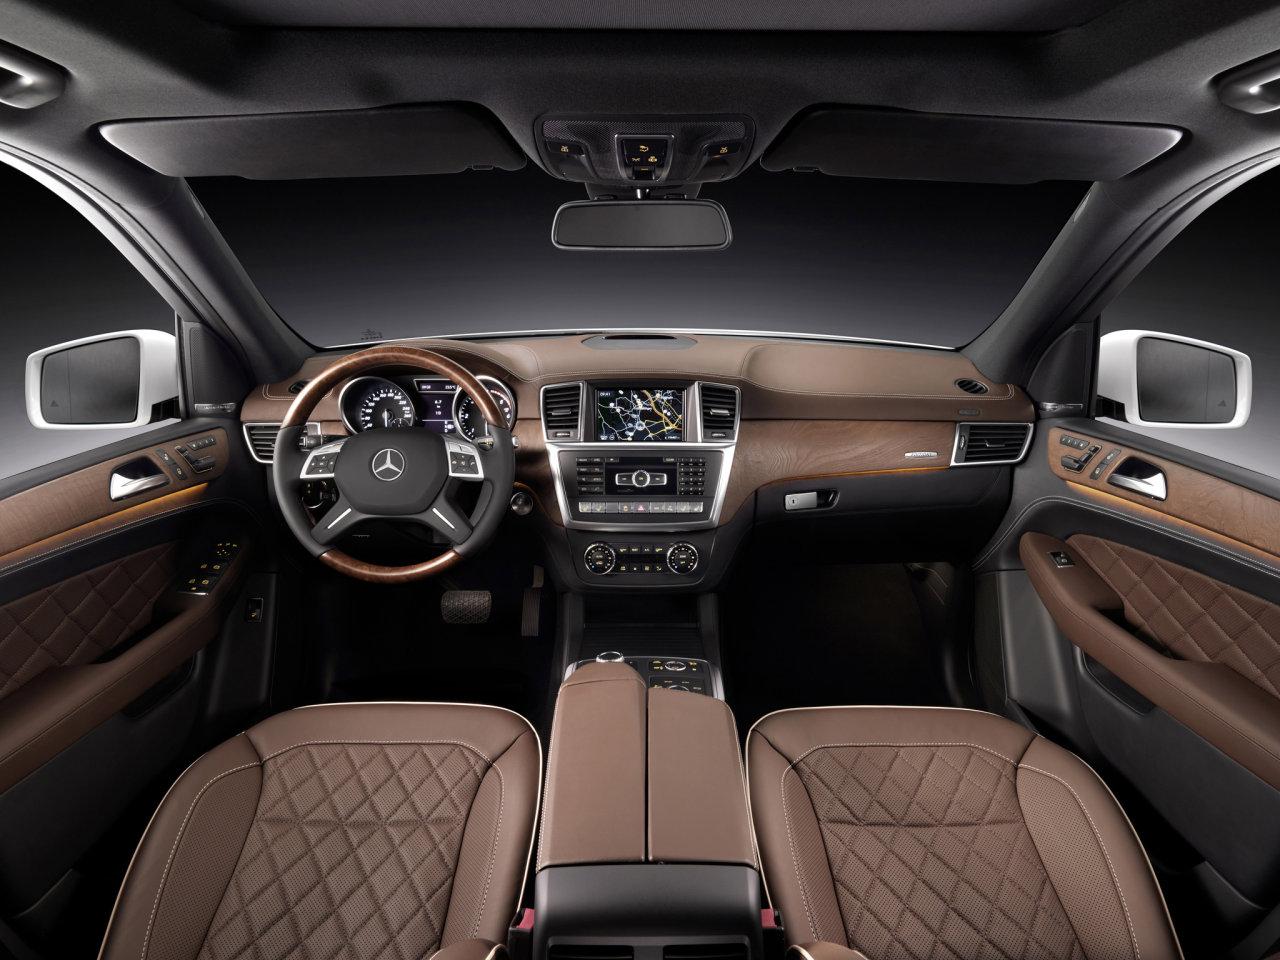 Фотографии автомобилей Mercedes ML-Class / Мерседес ML-Класс (2011 - 2012)